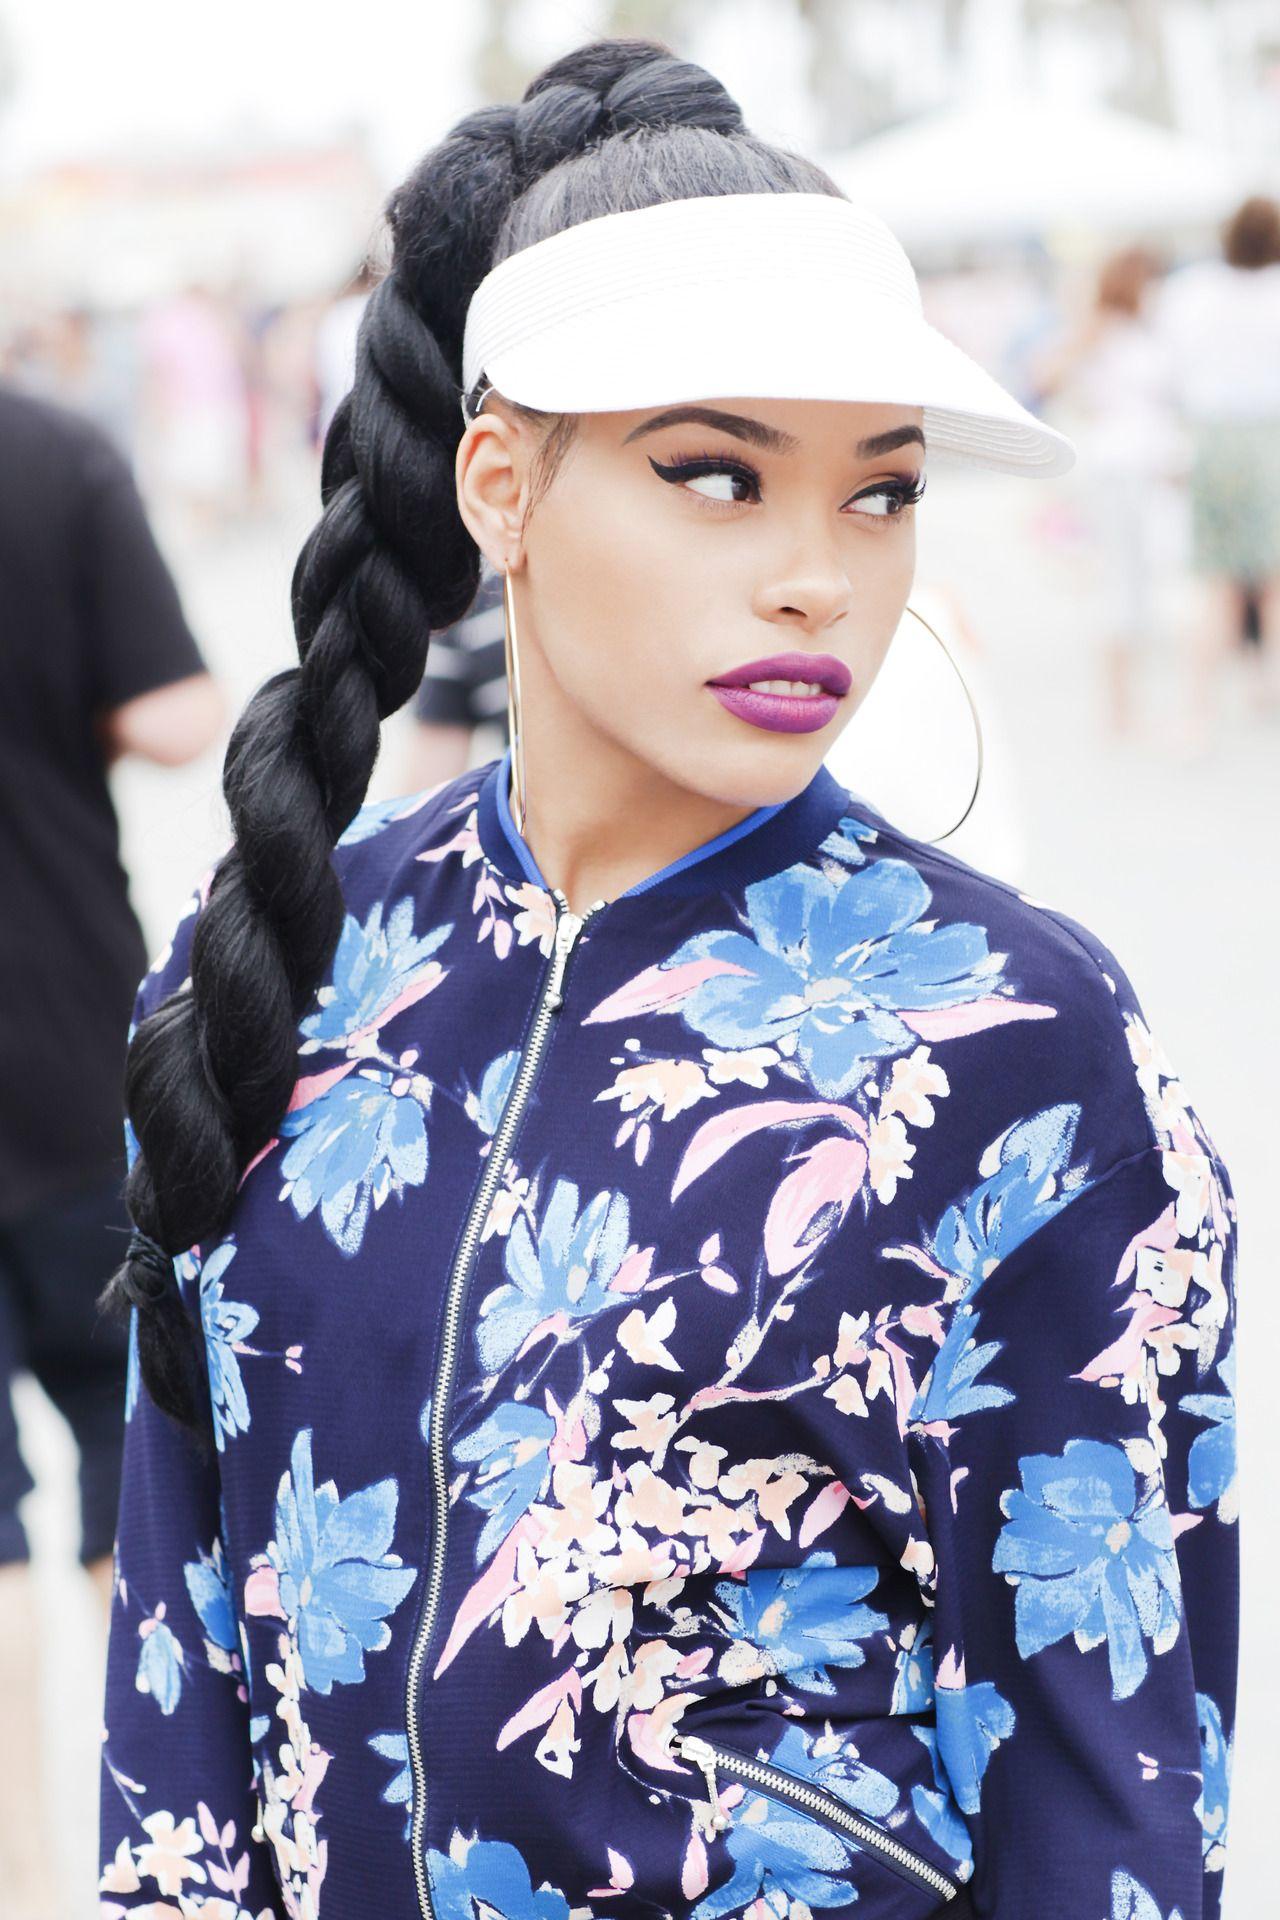 girl ponytail printed track jacket visor hoop earrings